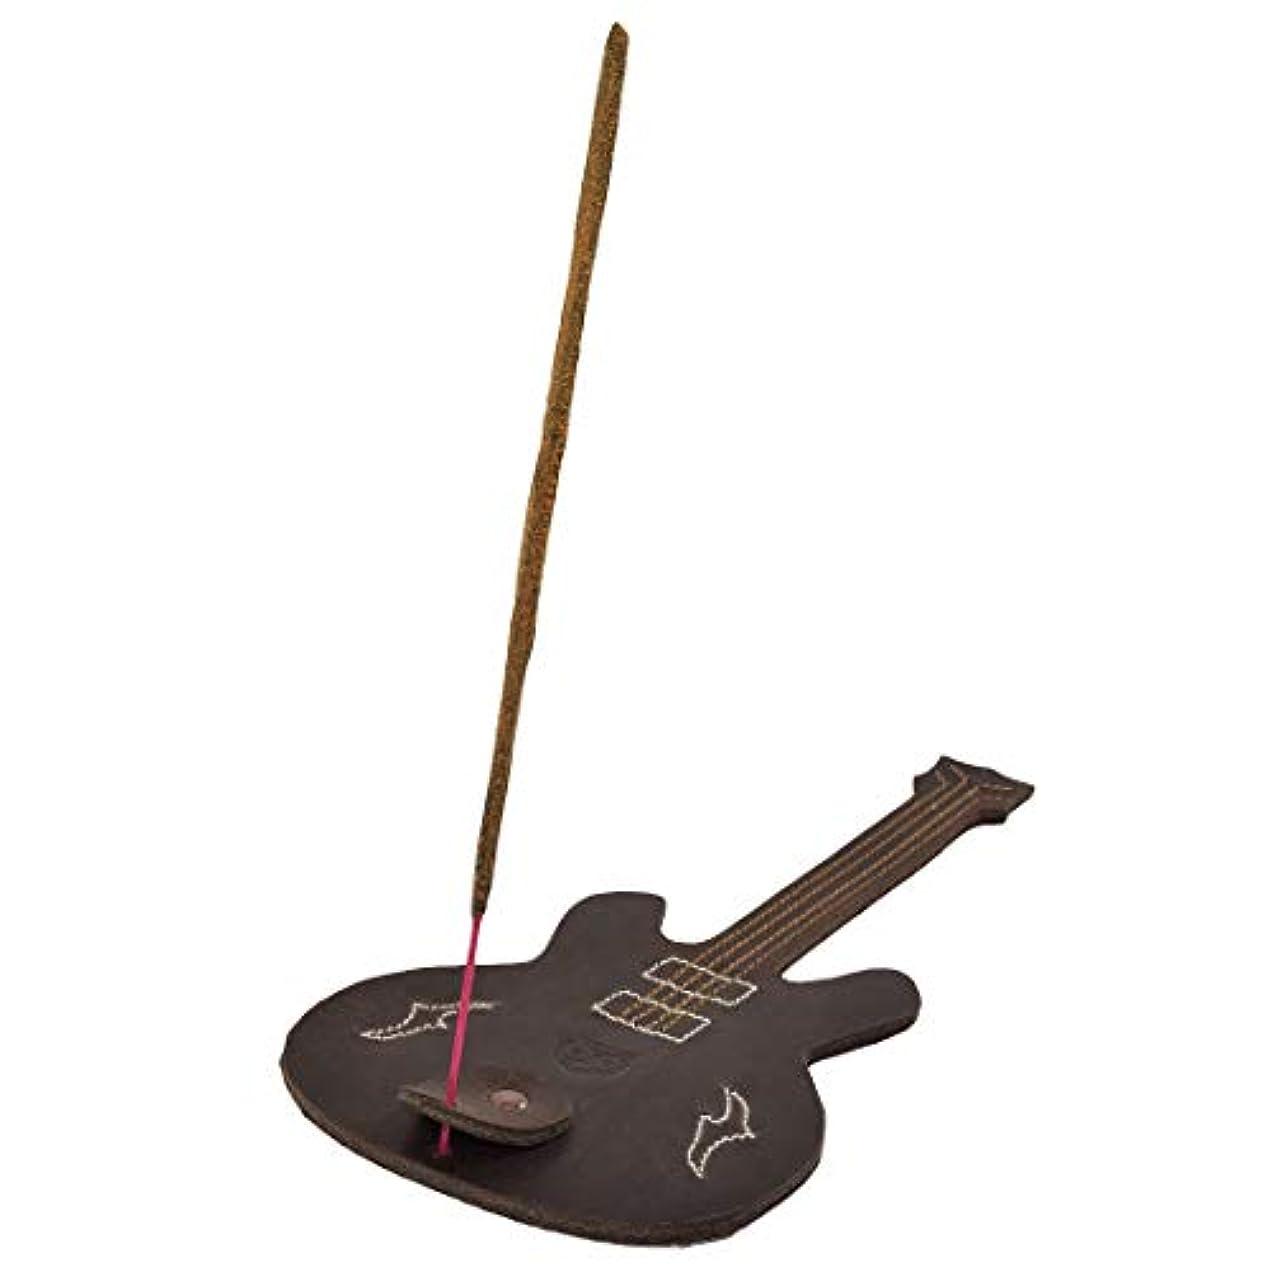 拍手する残る無声でHide & Drink厚レザーギター形状Incense Burnerスティックホルダーwith Ashキャッチャー手作りでBourbonブラウン